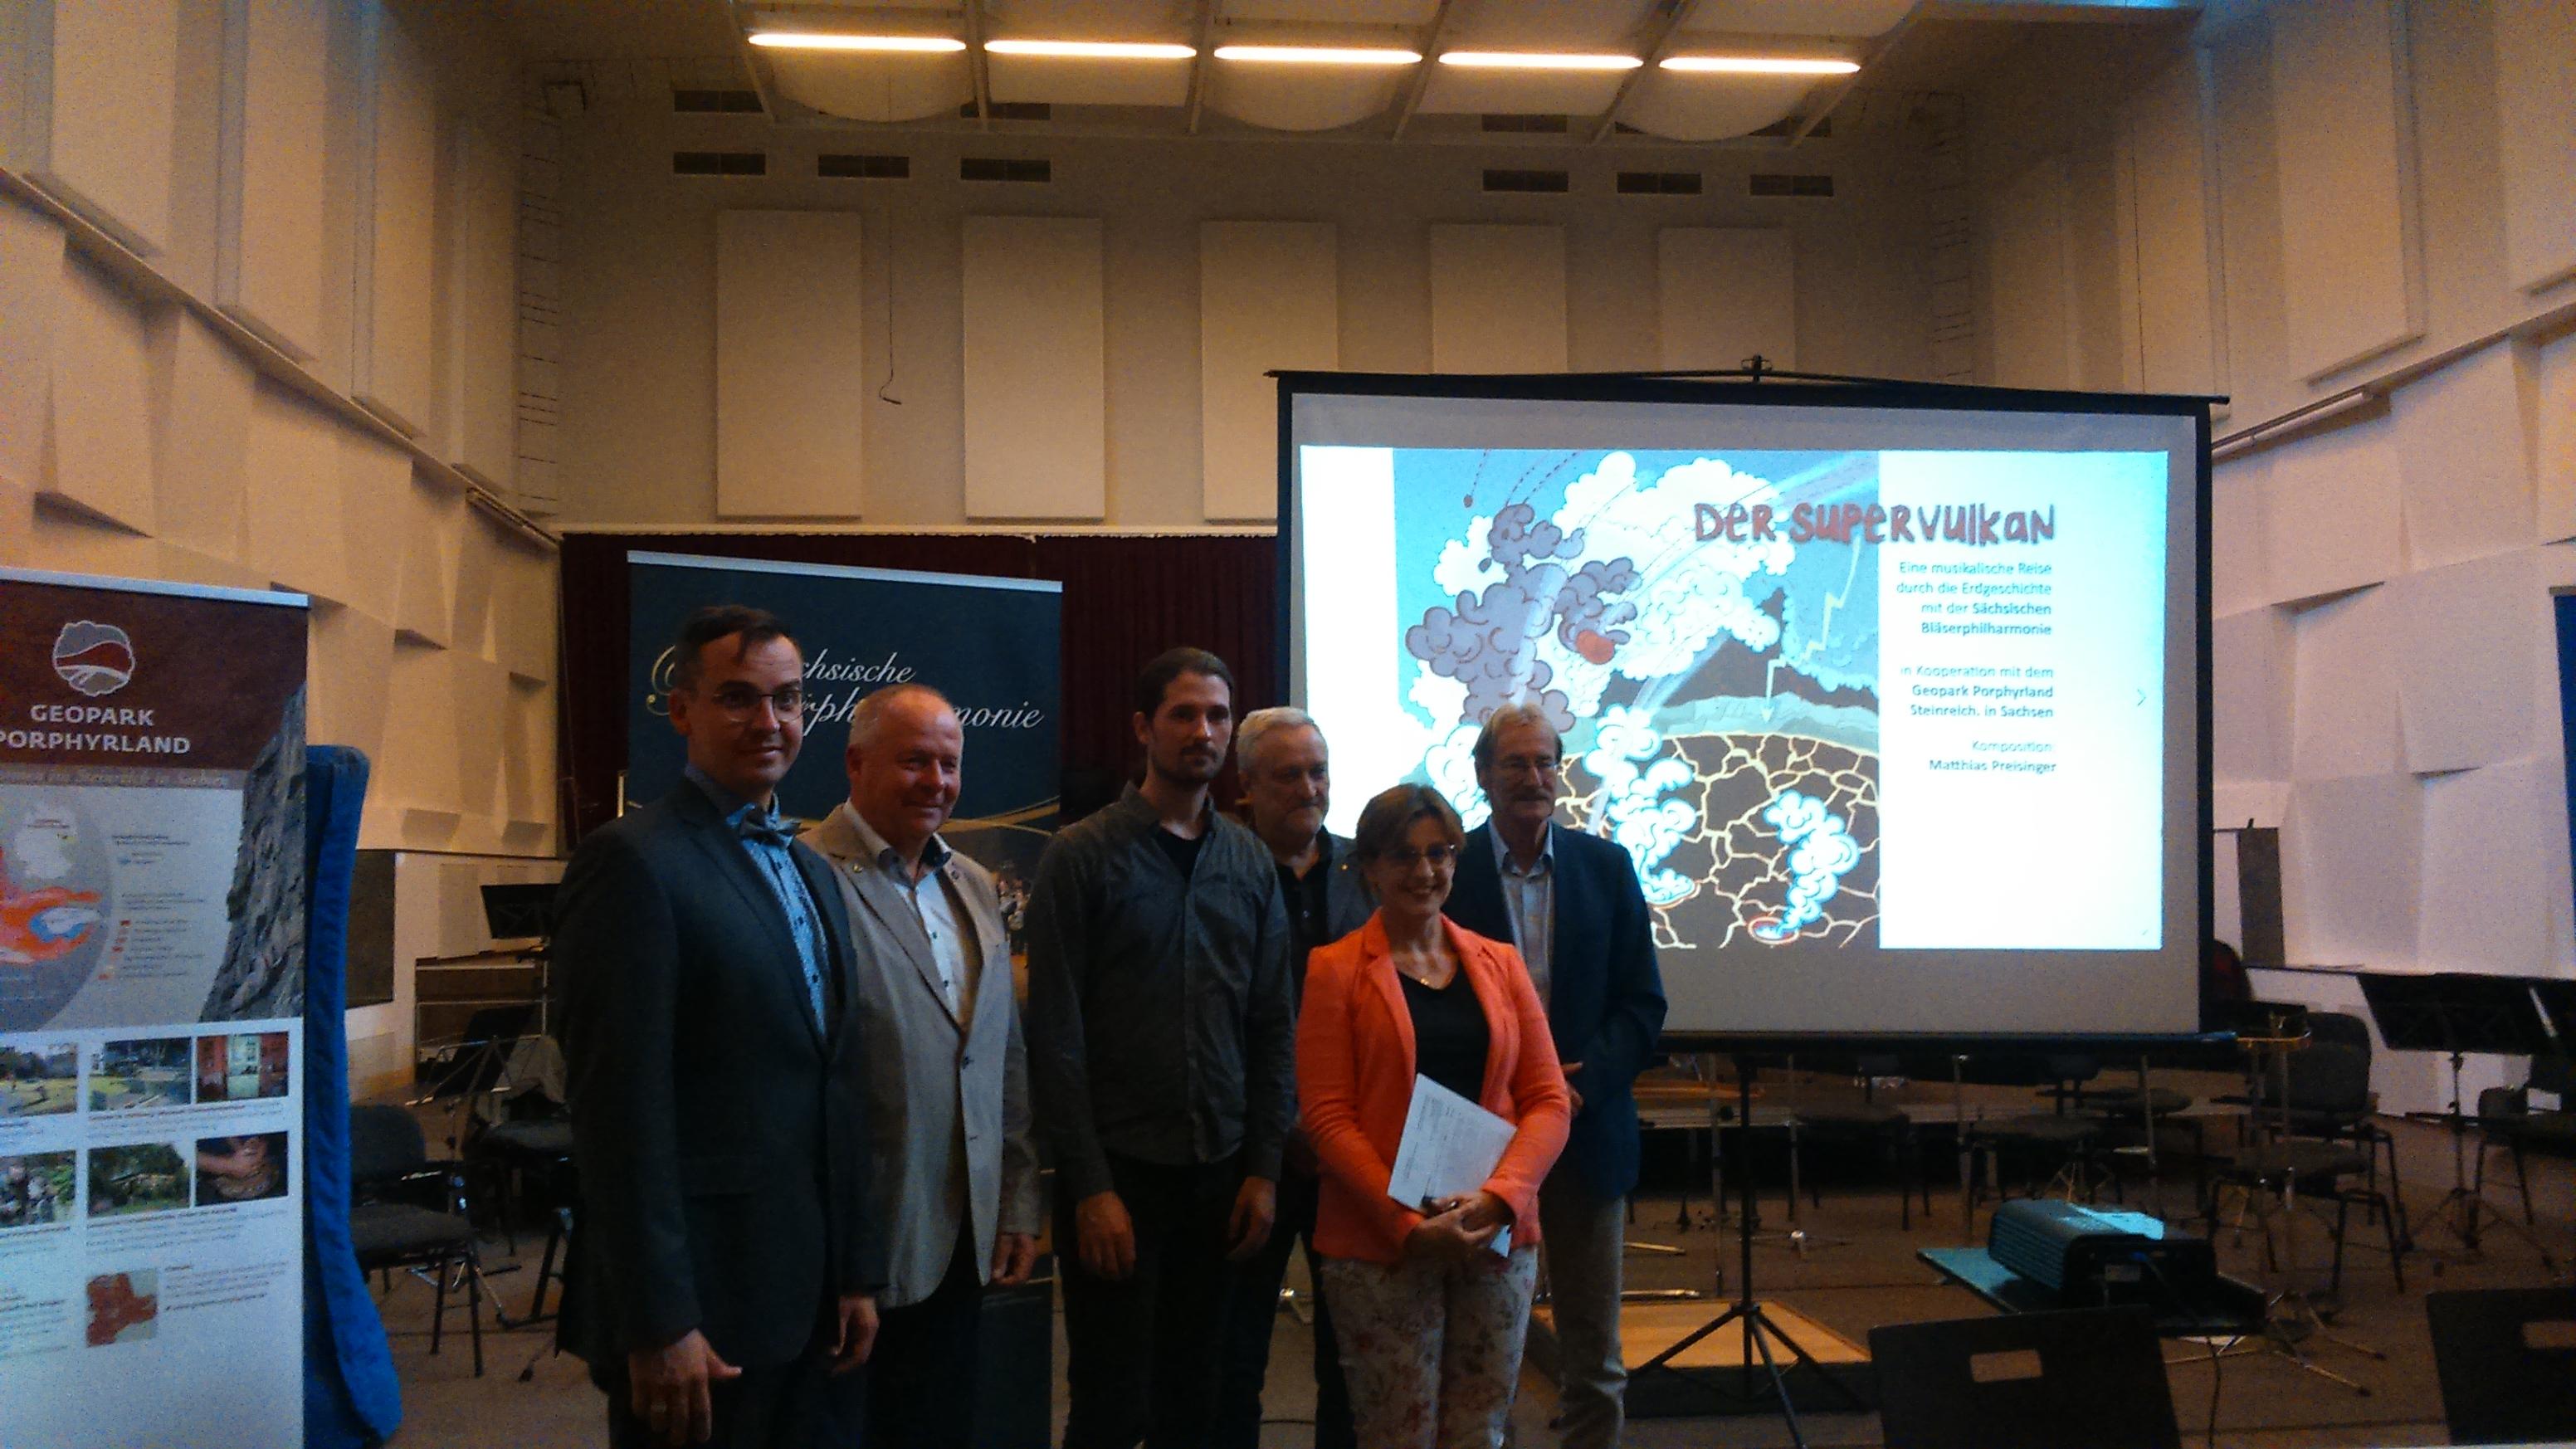 """Pressekonferenz """"Der Supervulkan"""", Foto: N. Friedrich"""